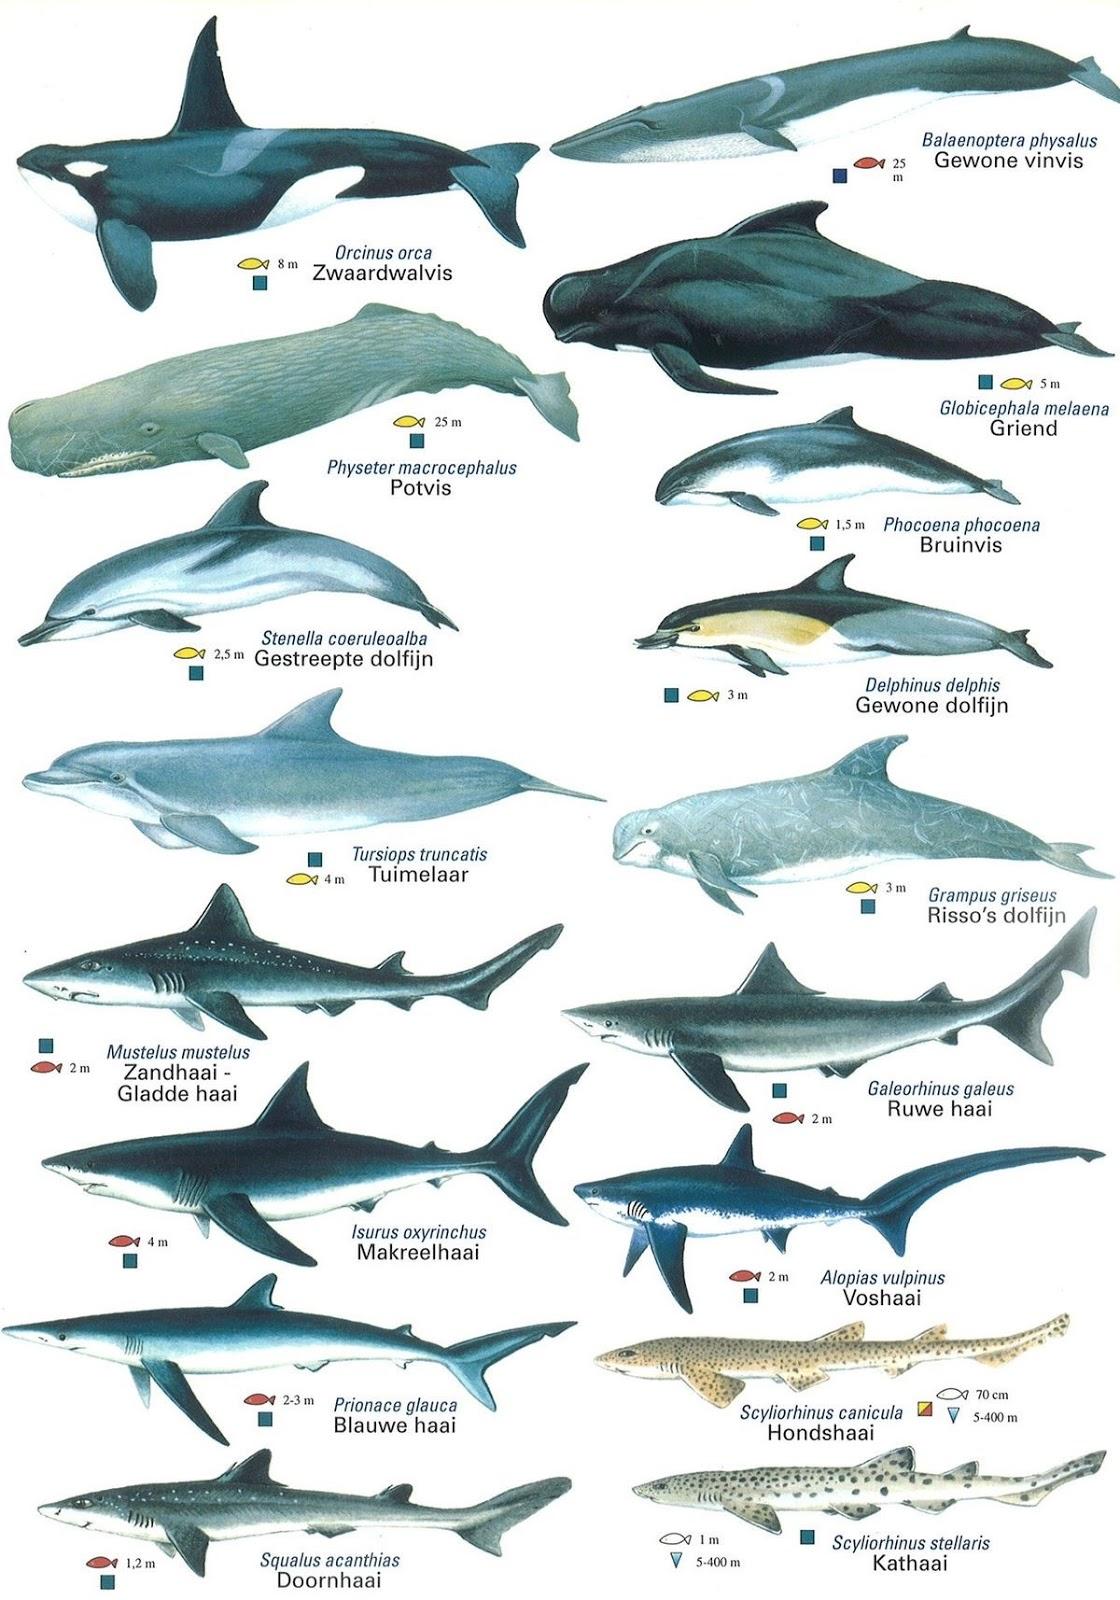 Tubarões, Baleias e Golfinhos